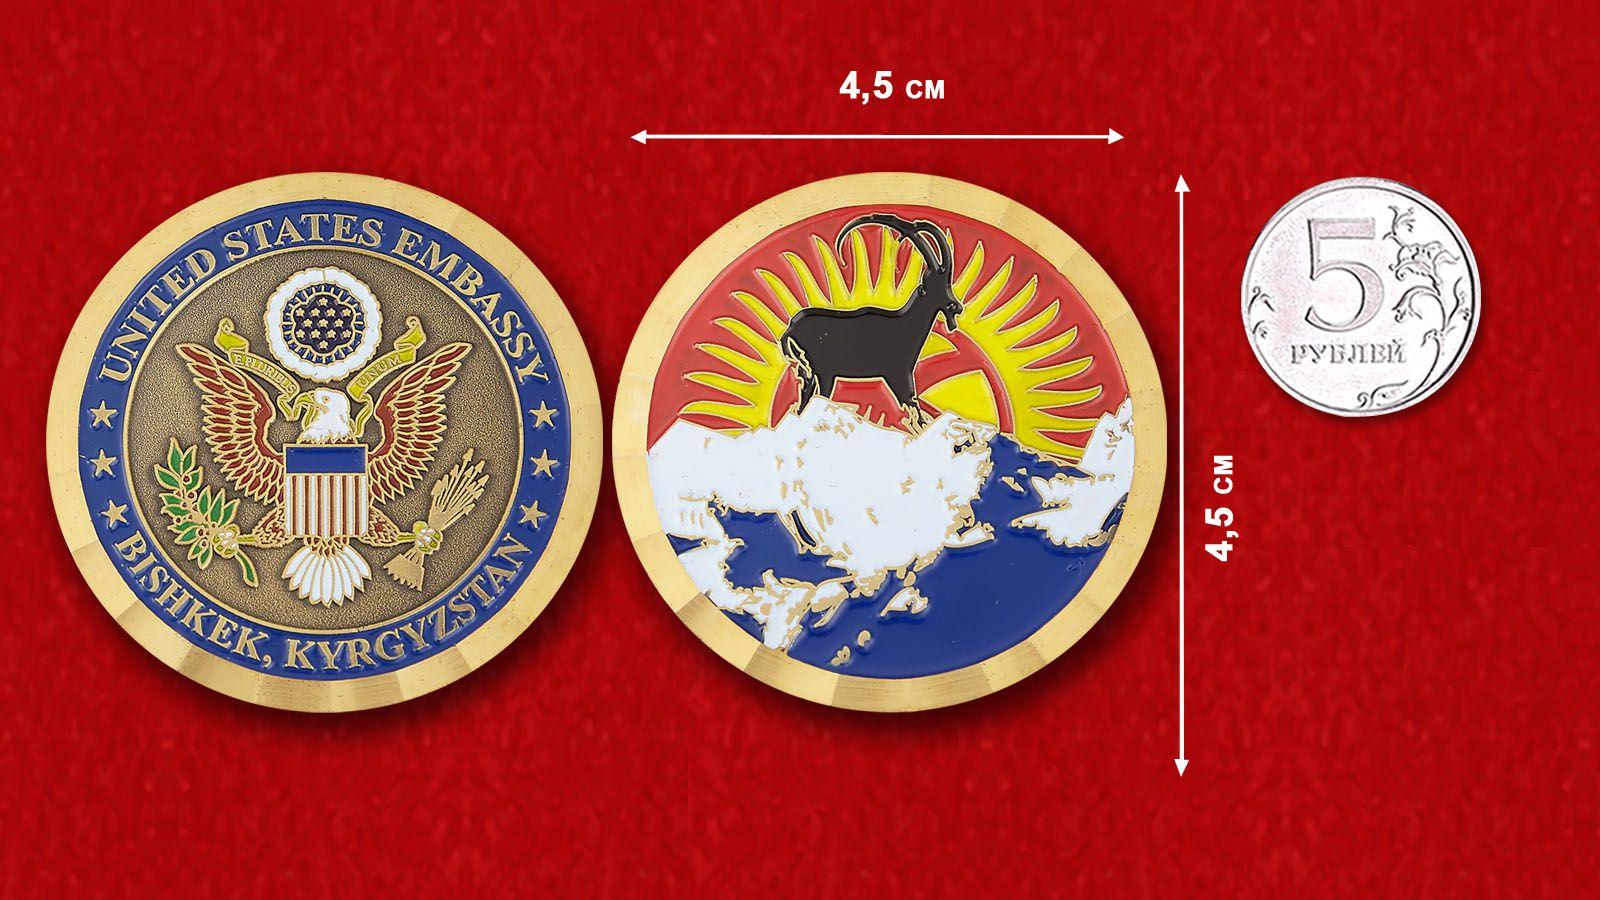 Челлендж коин Посольства США в Бишкеке - сравнительный размер